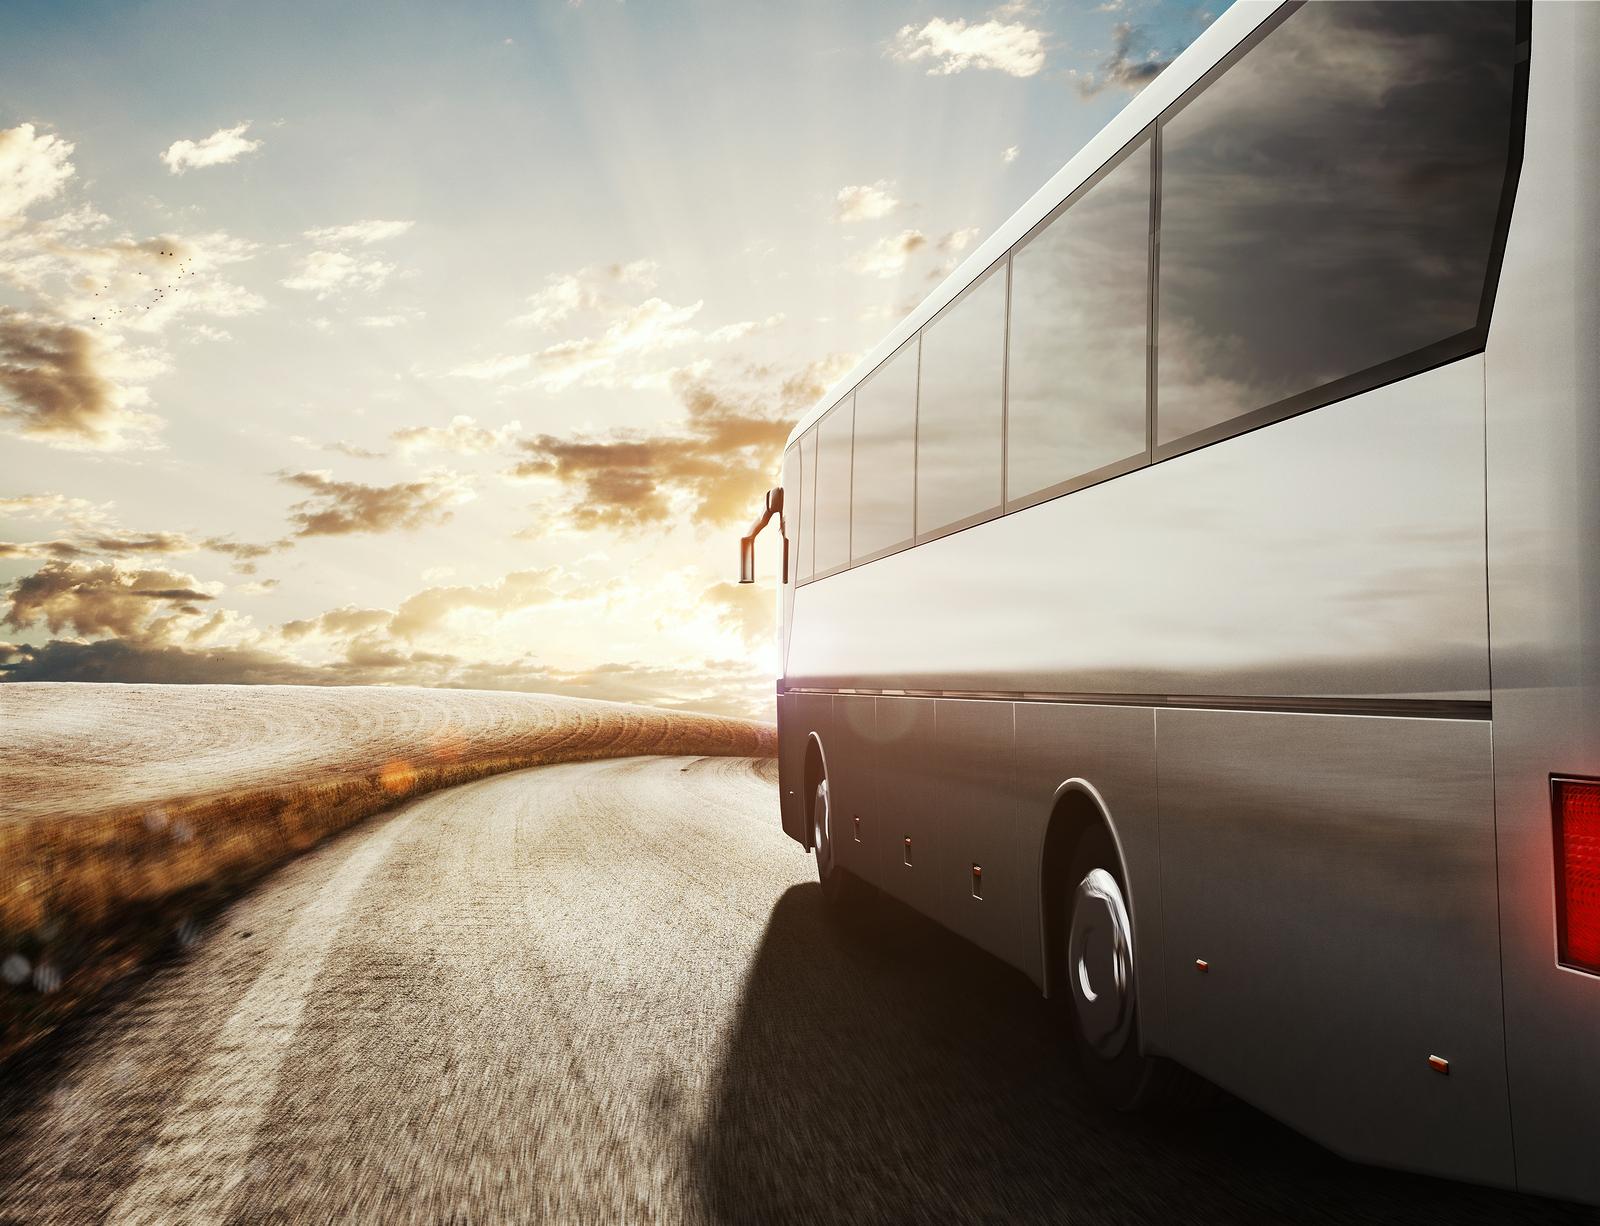 Rayonlara avtobus icaresi